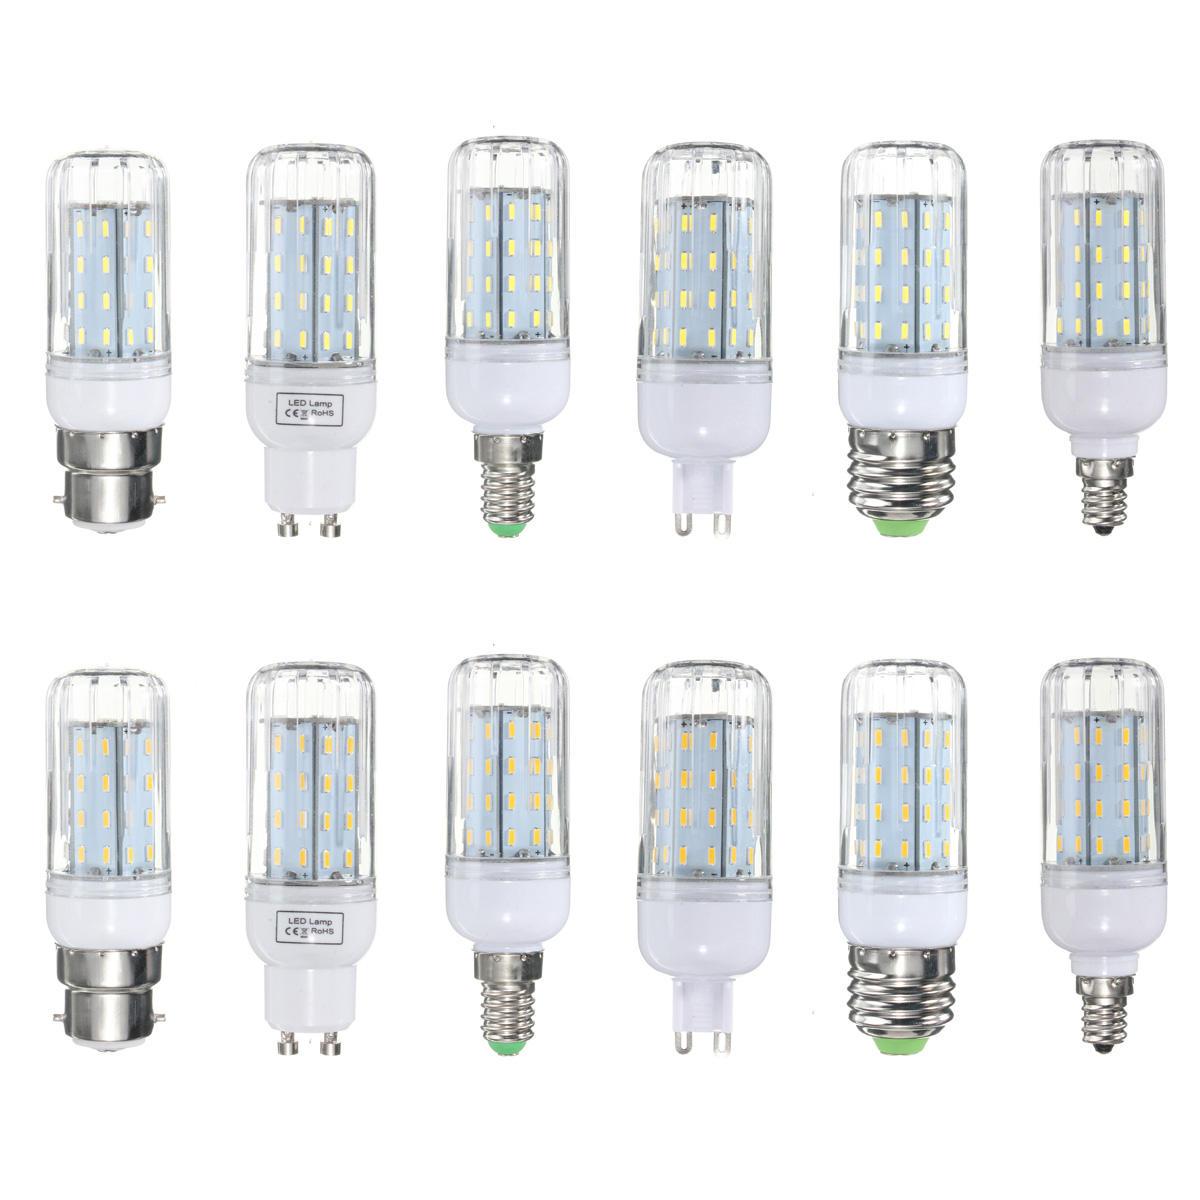 E27 B22 E12 E14 G9 GU10 6W 56 SMD 4014 LED Warm White White Cover Corn Bulb AC 110V